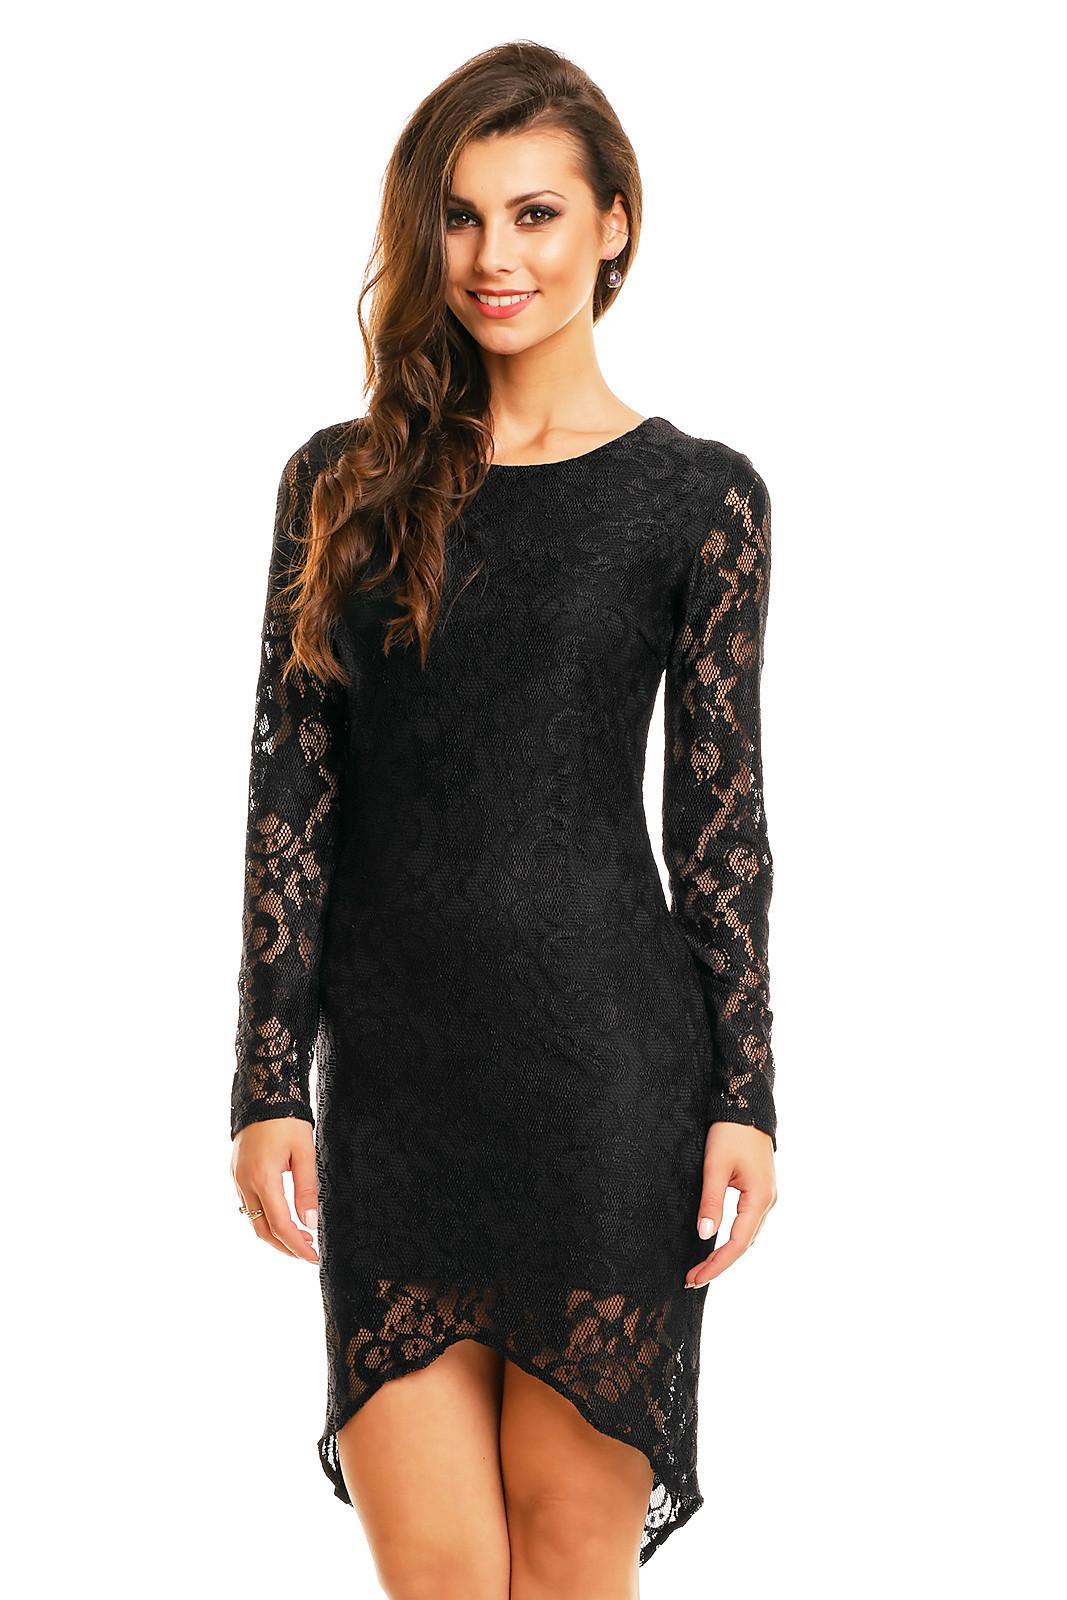 Spoločenské šaty značkové MAYAADI krajkové s asymetrickou sukňou čierne - Čierna - MAYAADI čierna S